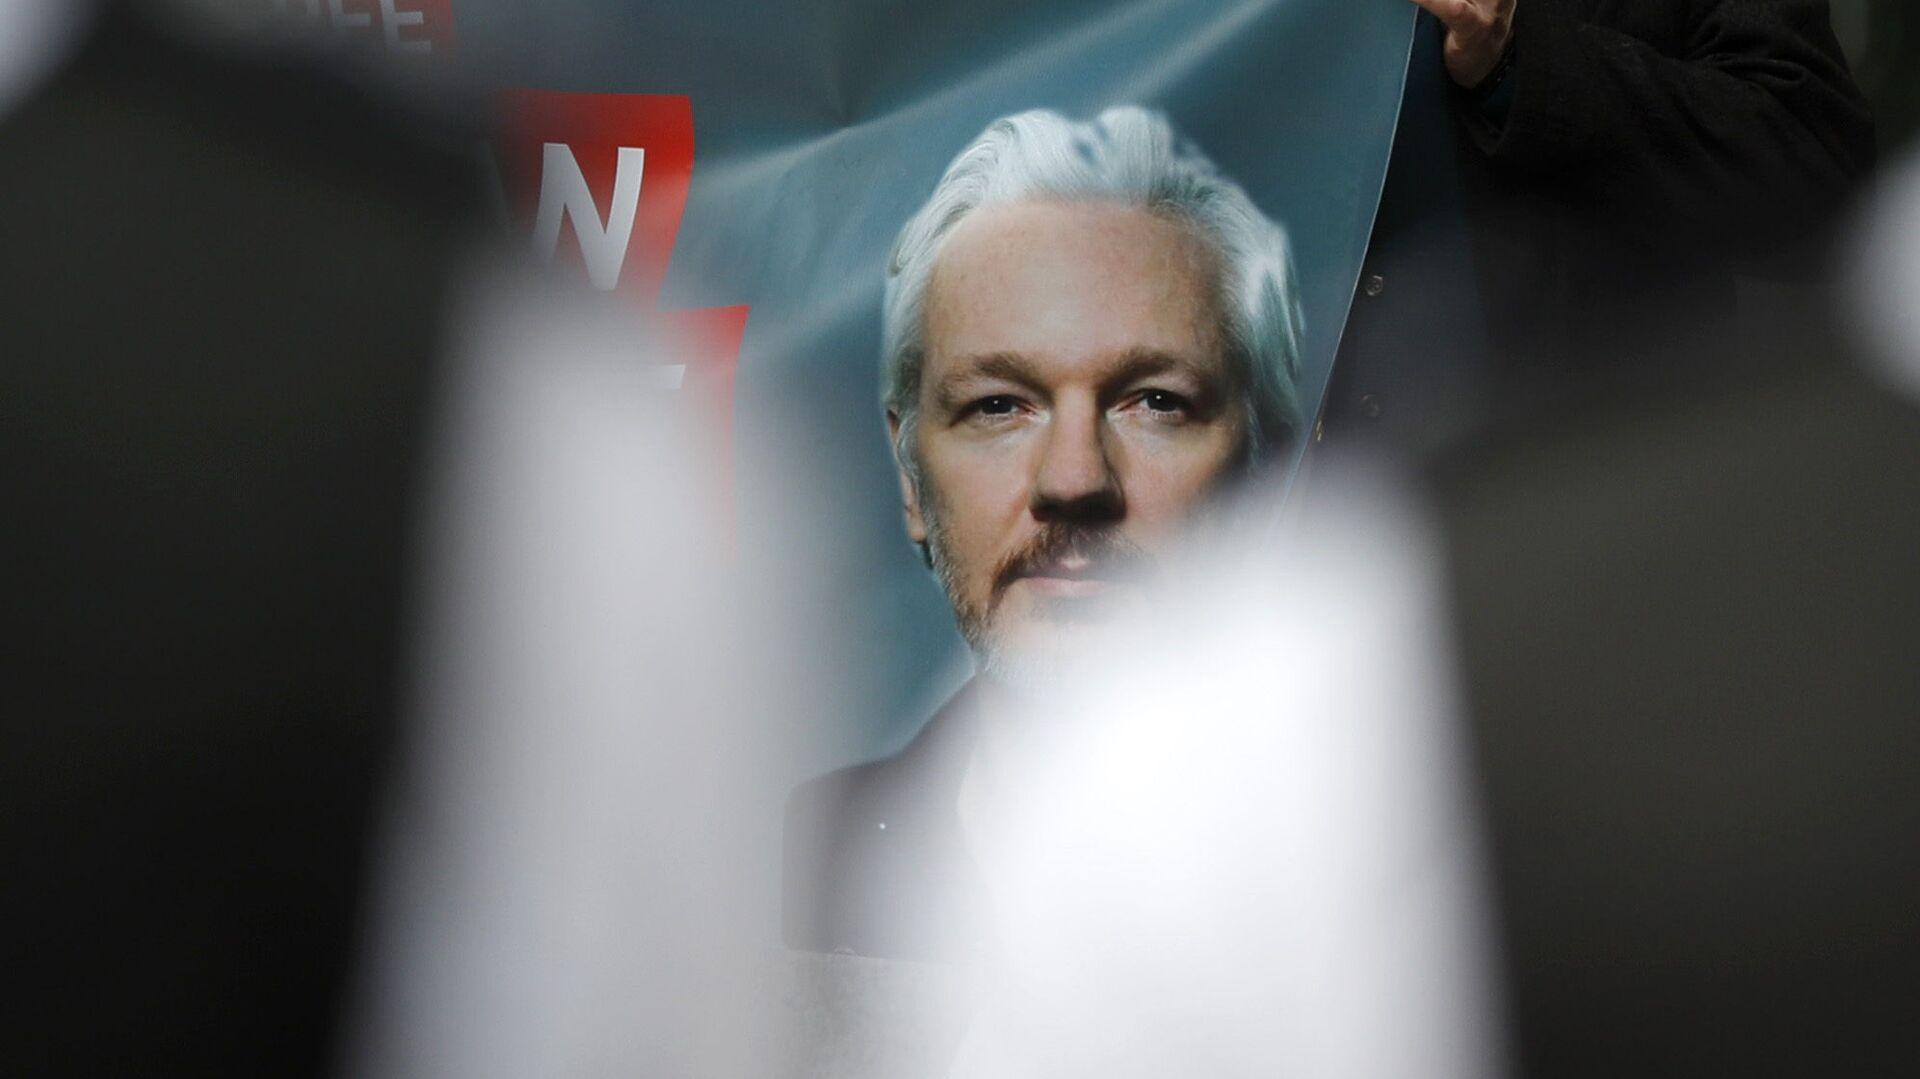 Plakat z podobizną założyciela WikiLeaks Juliana Assange'a - Sputnik Polska, 1920, 26.06.2021